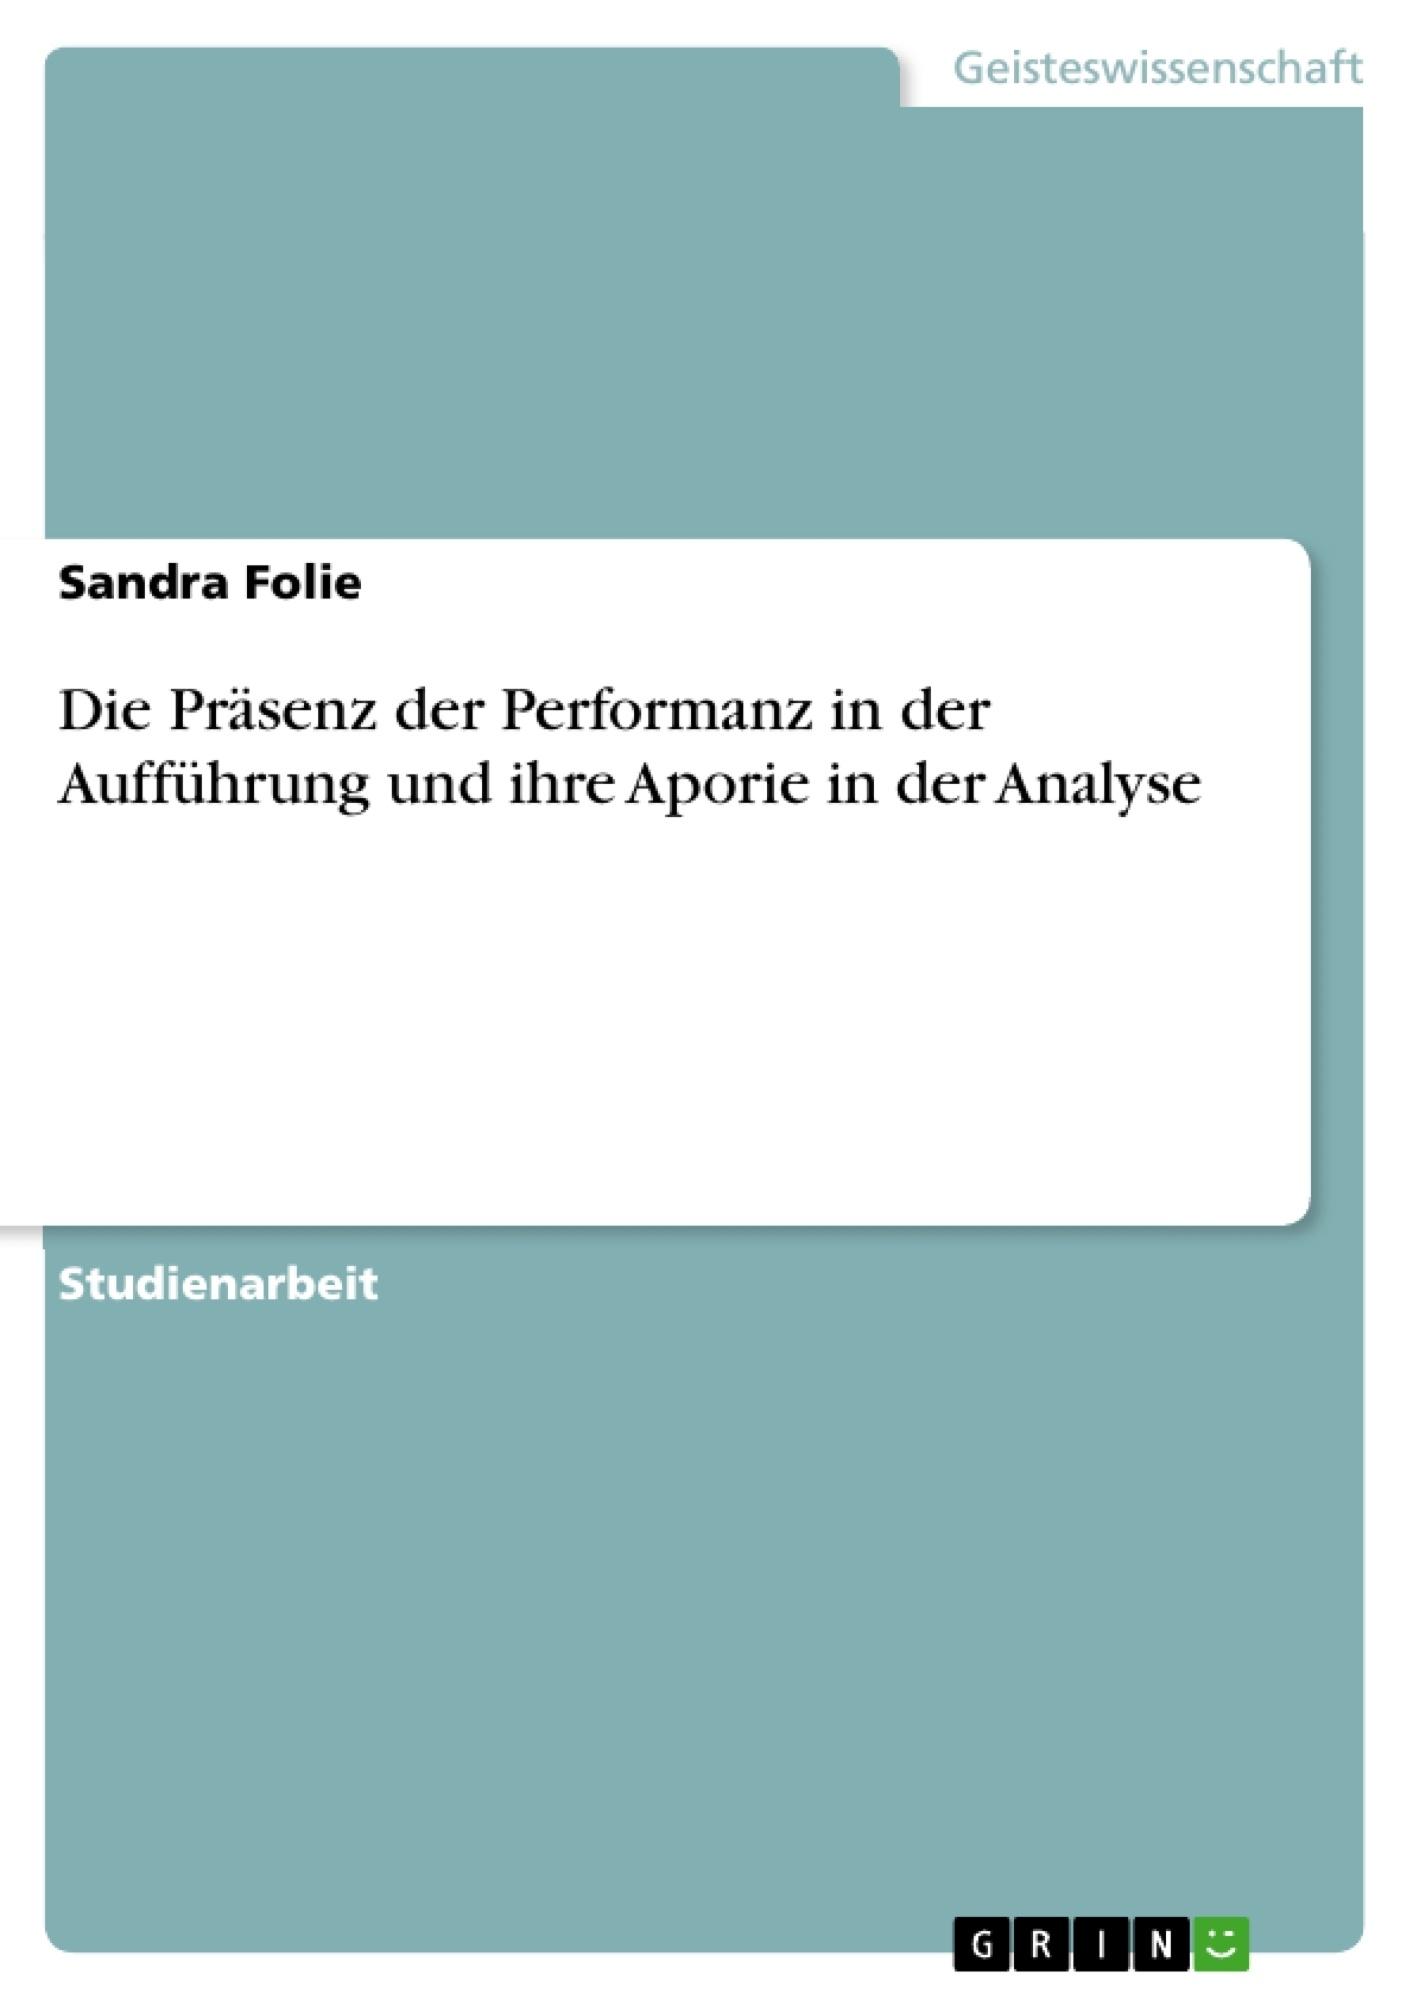 Titel: Die Präsenz der Performanz in der Aufführung und ihre Aporie in der Analyse